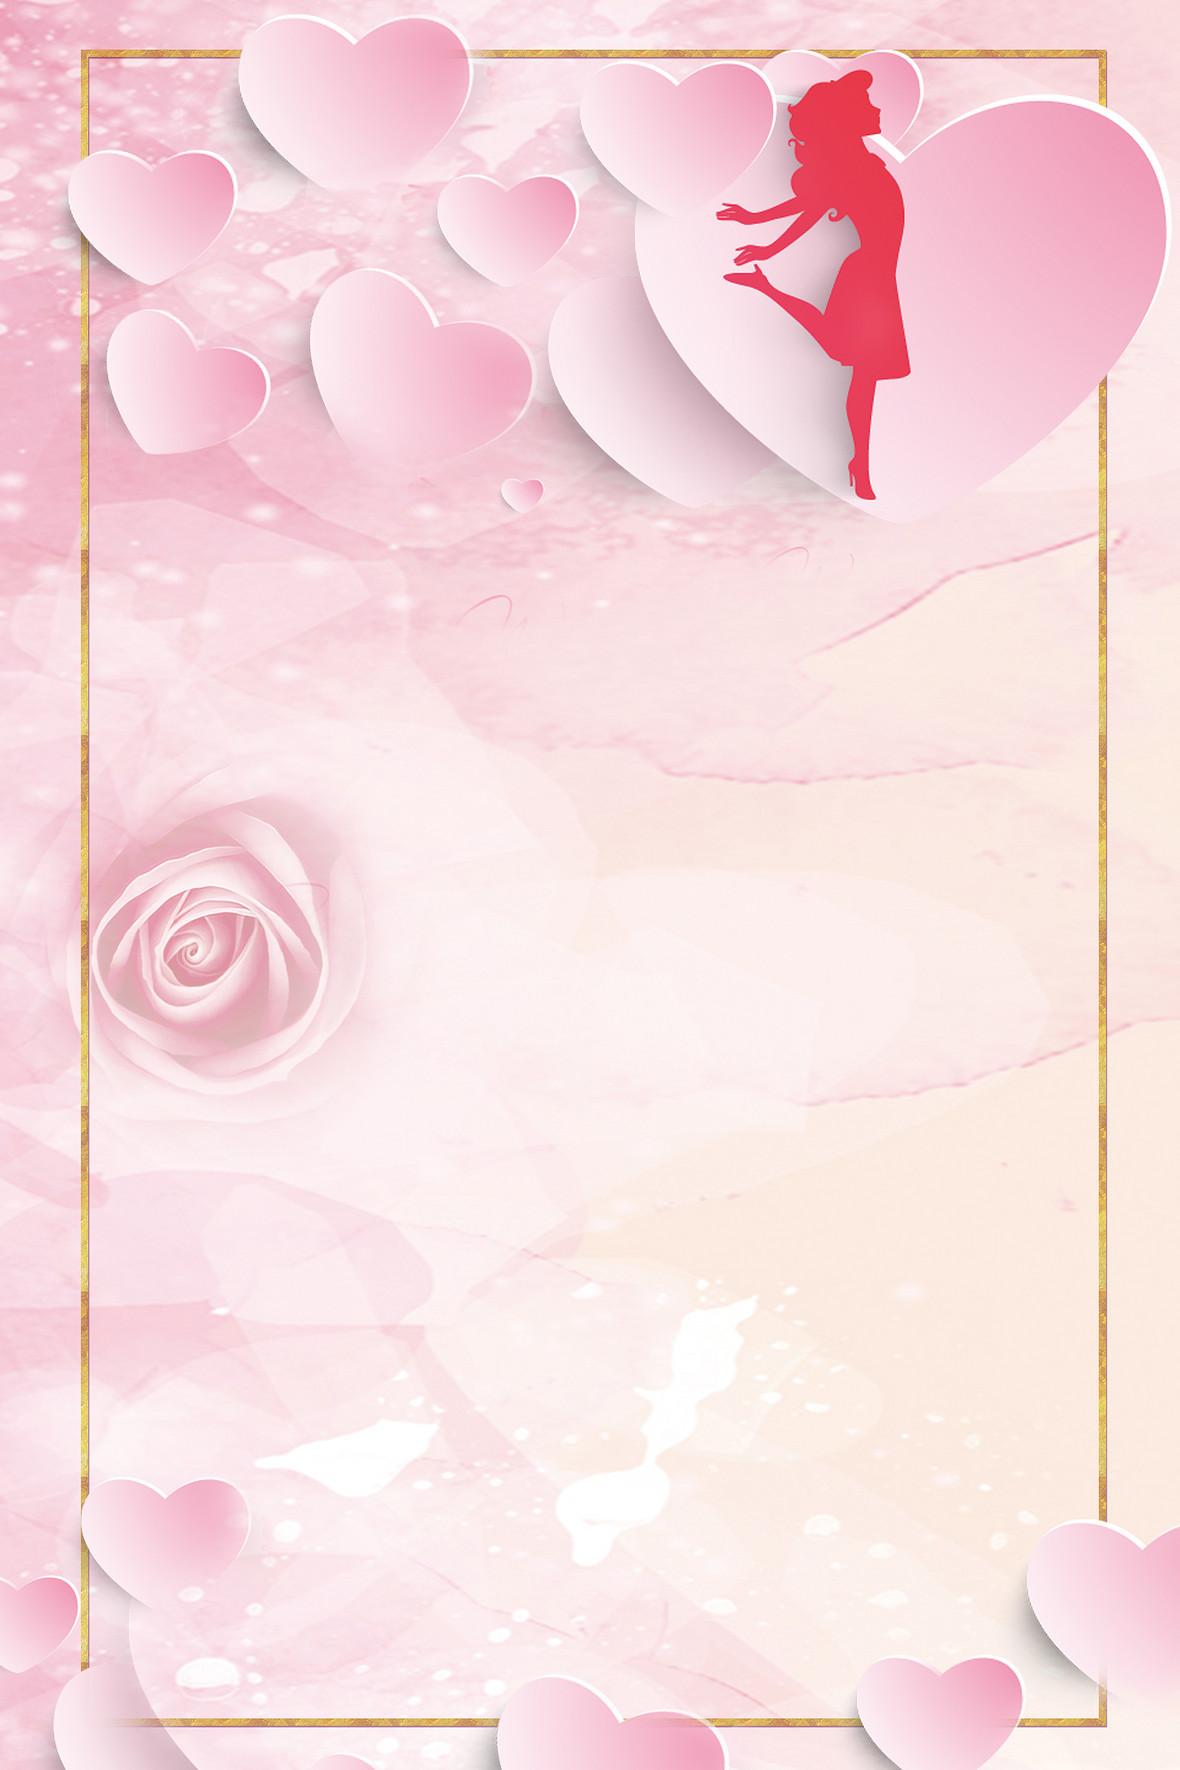 粉色玫瑰浪漫爱心38妇女节海报背景素材